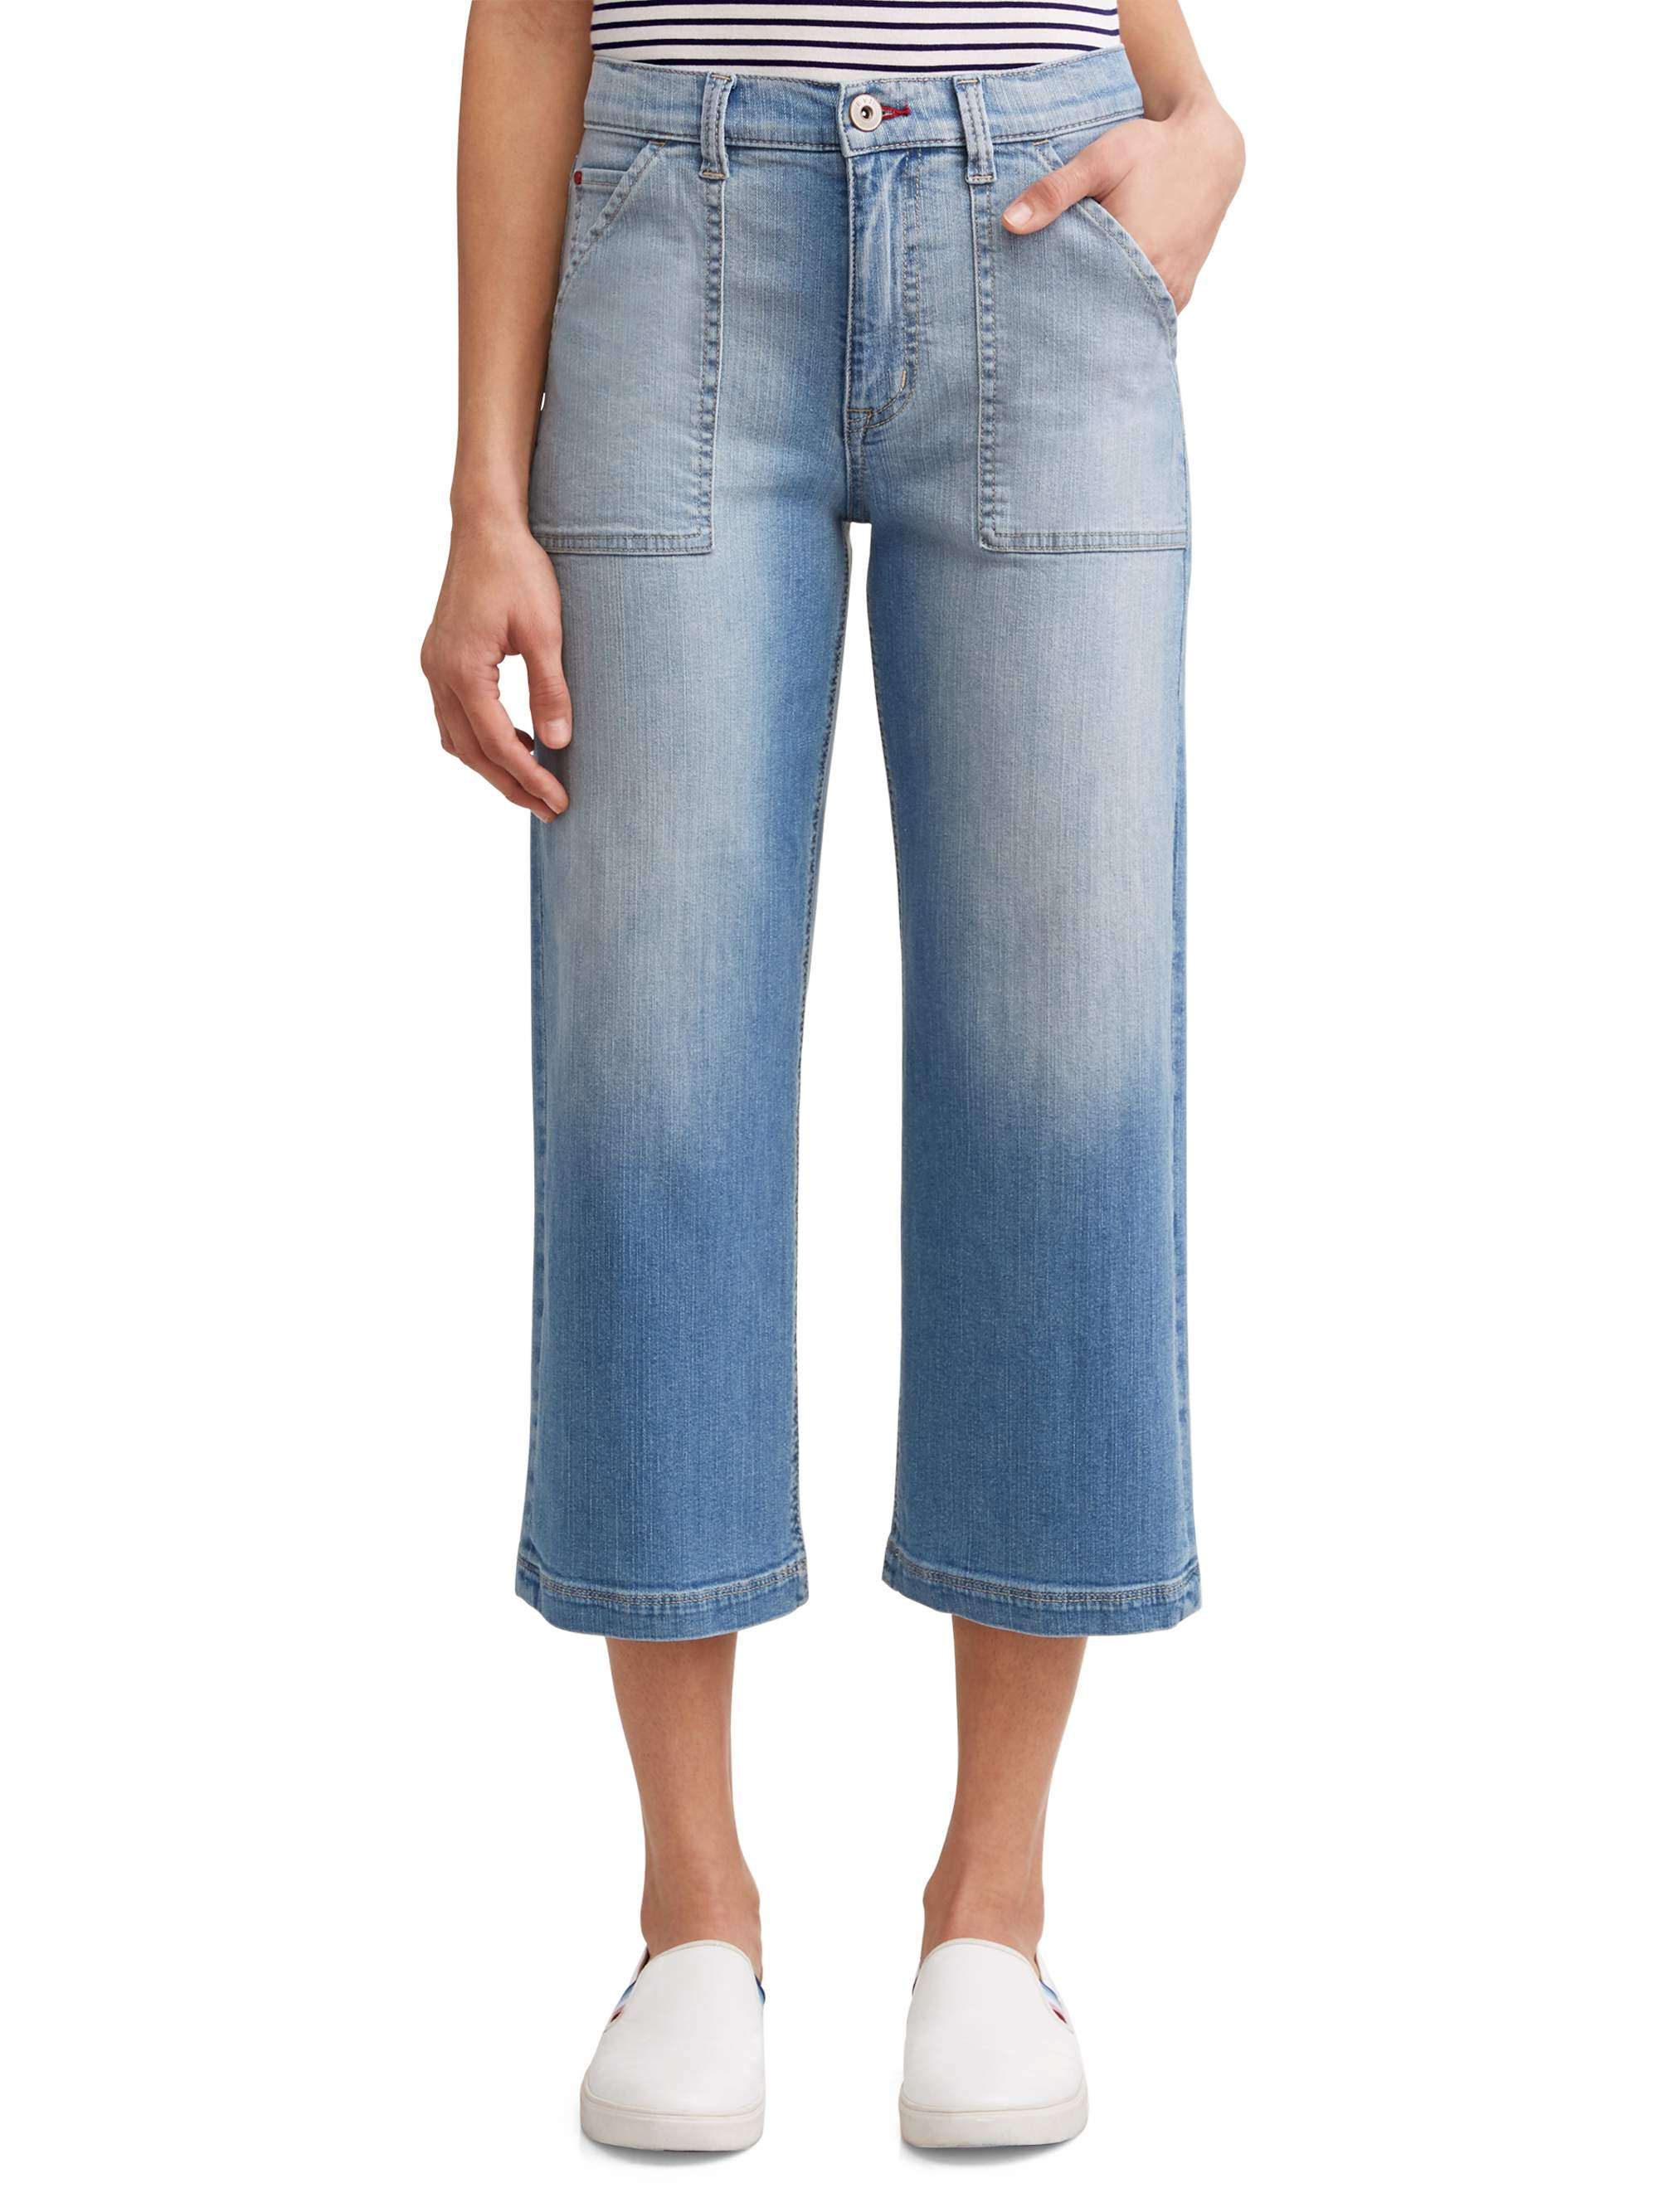 Allie Wide Leg Cropped Jean Women's (Light Wash)